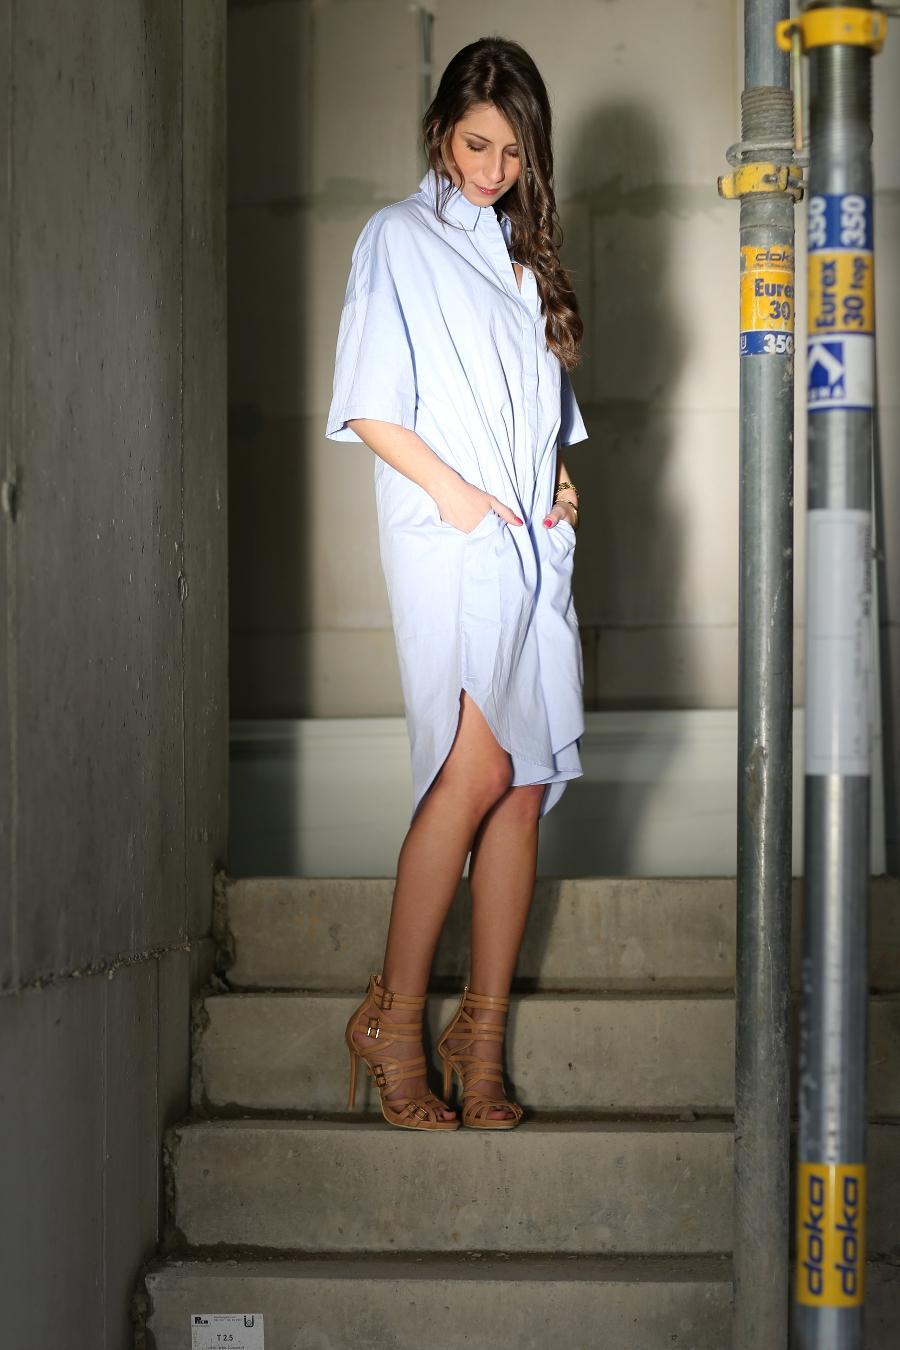 high heels hemd blusenkleid look